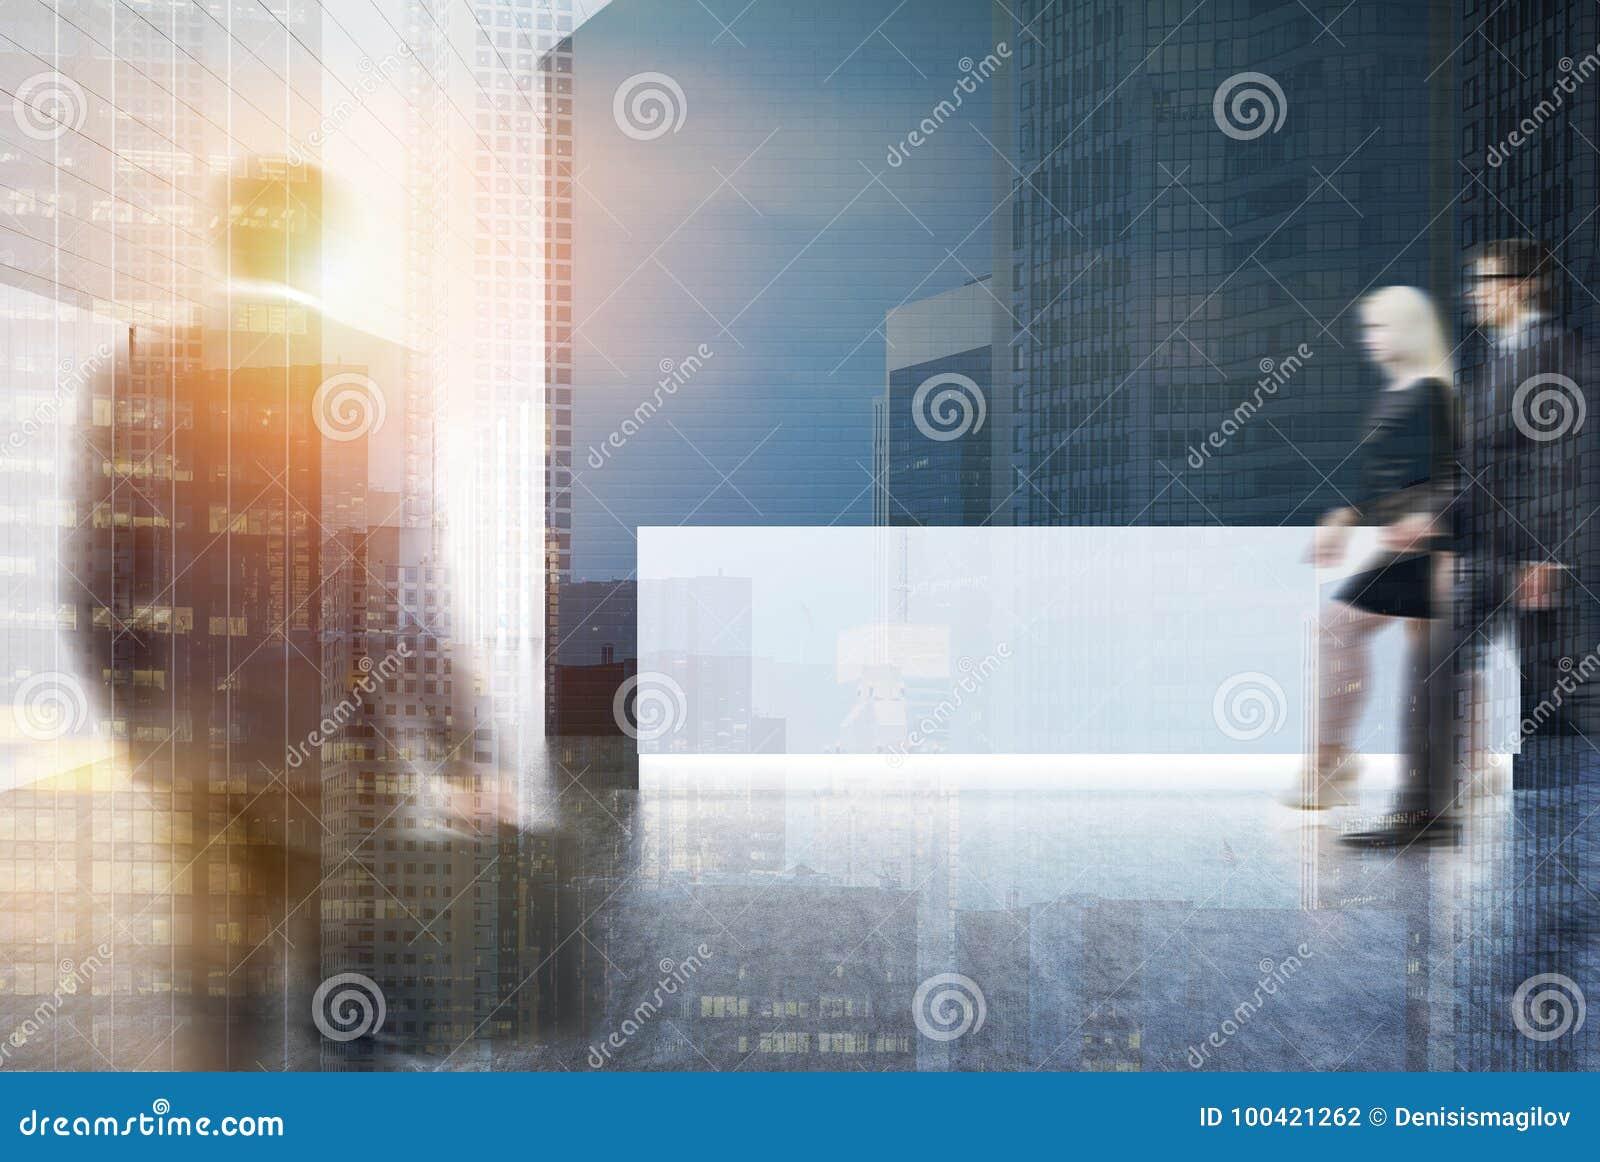 Bureau blanc et noir de mur réception blanche hommes illustration